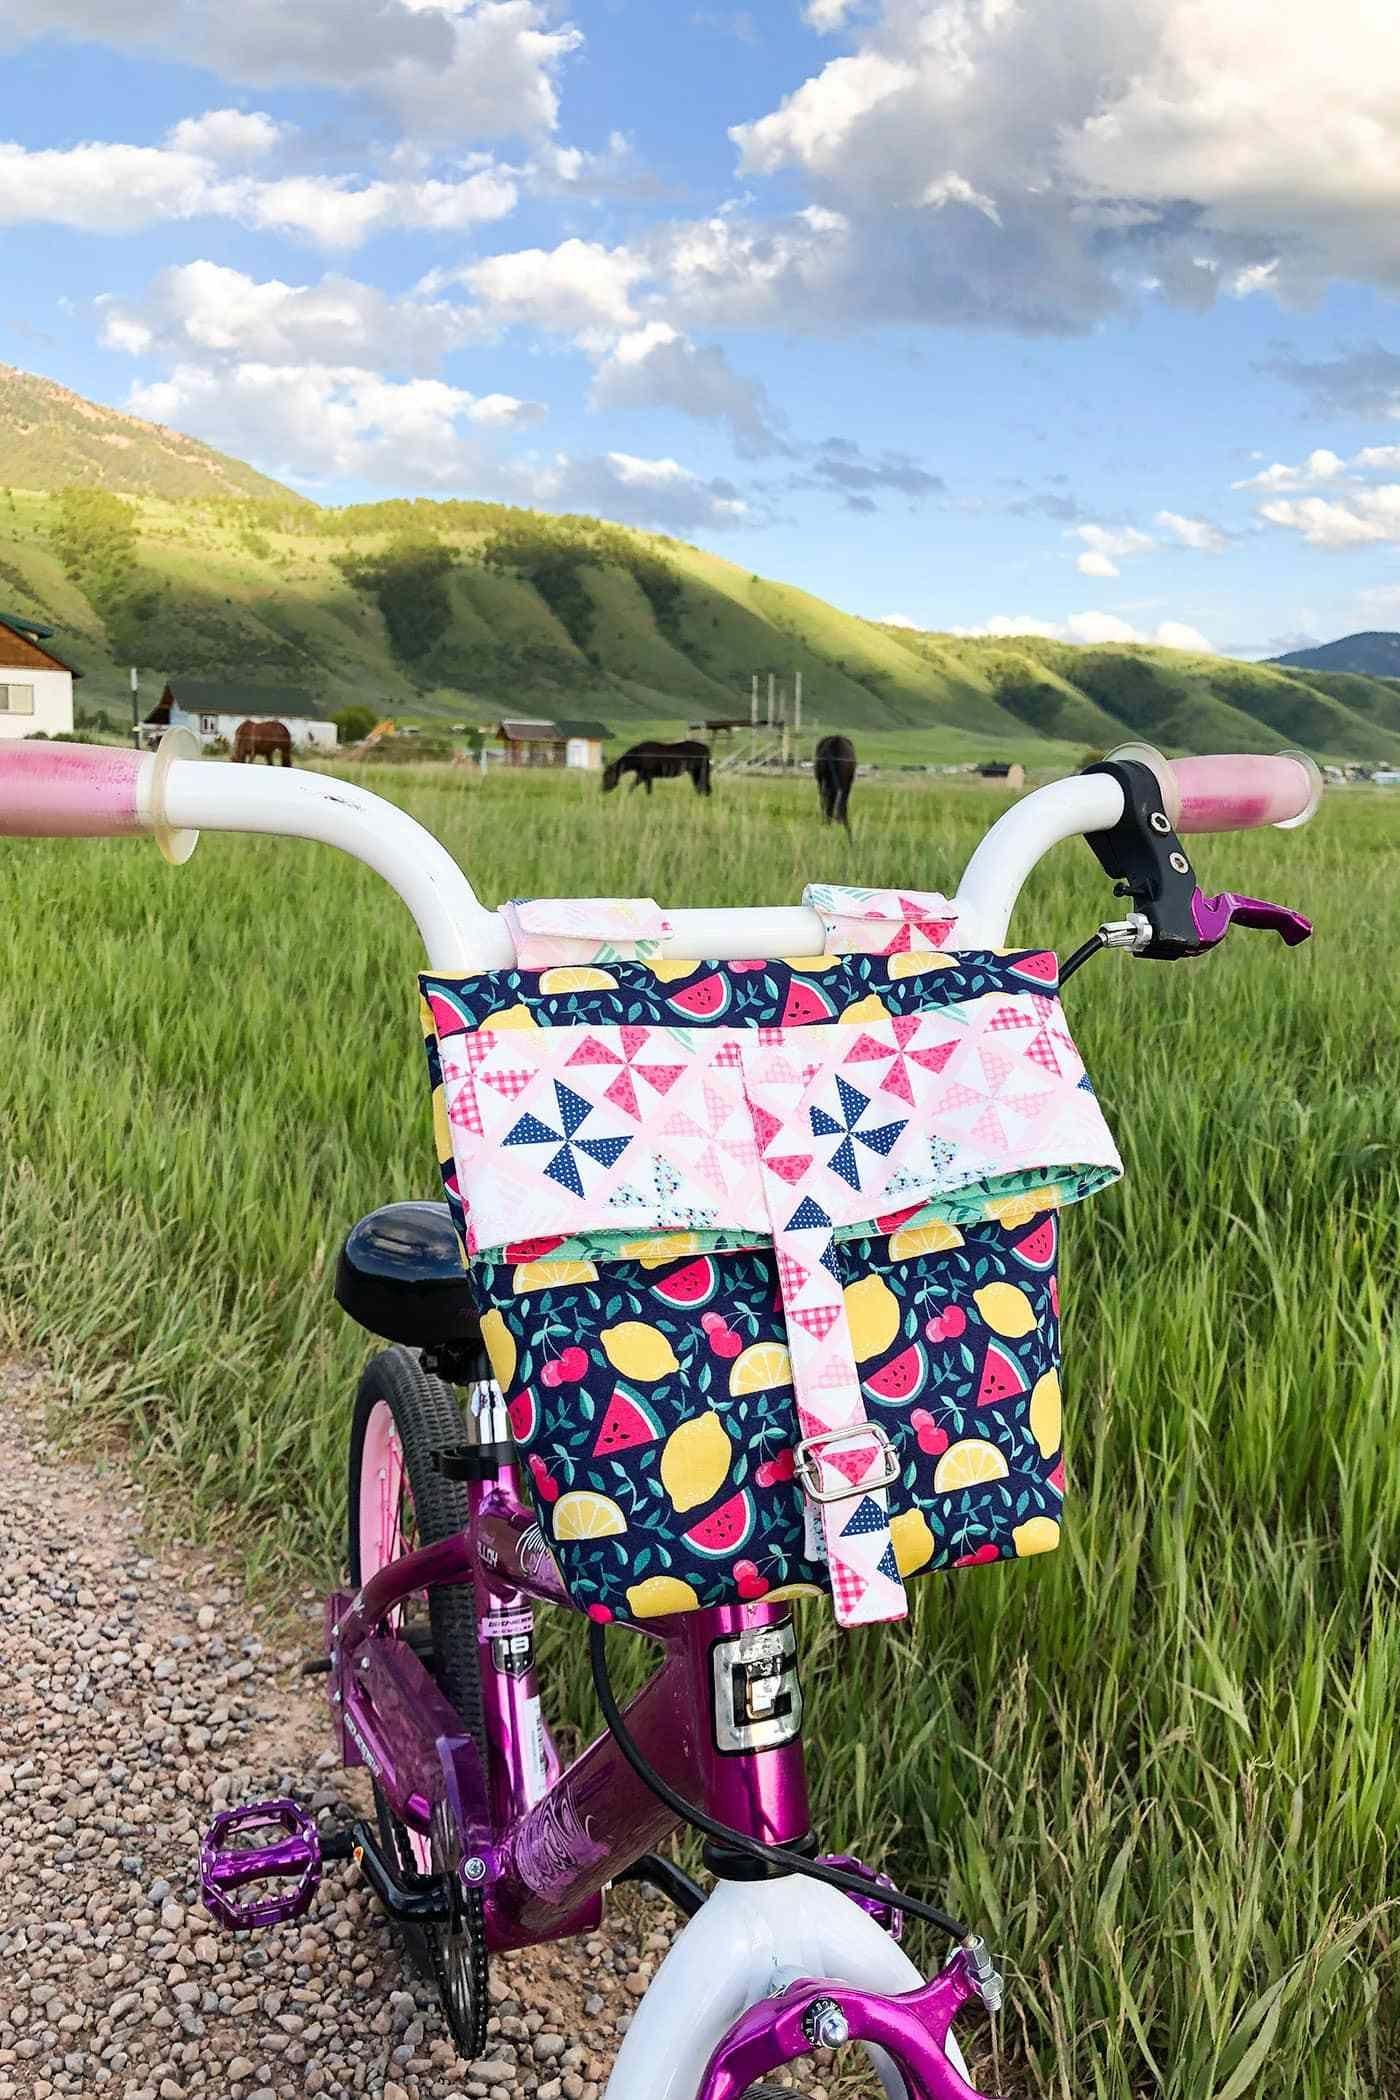 Diy Bike Handlebar Bag Pattern In 2020 Handlebar Bag Pattern Handlebar Bag Summer Sewing Projects